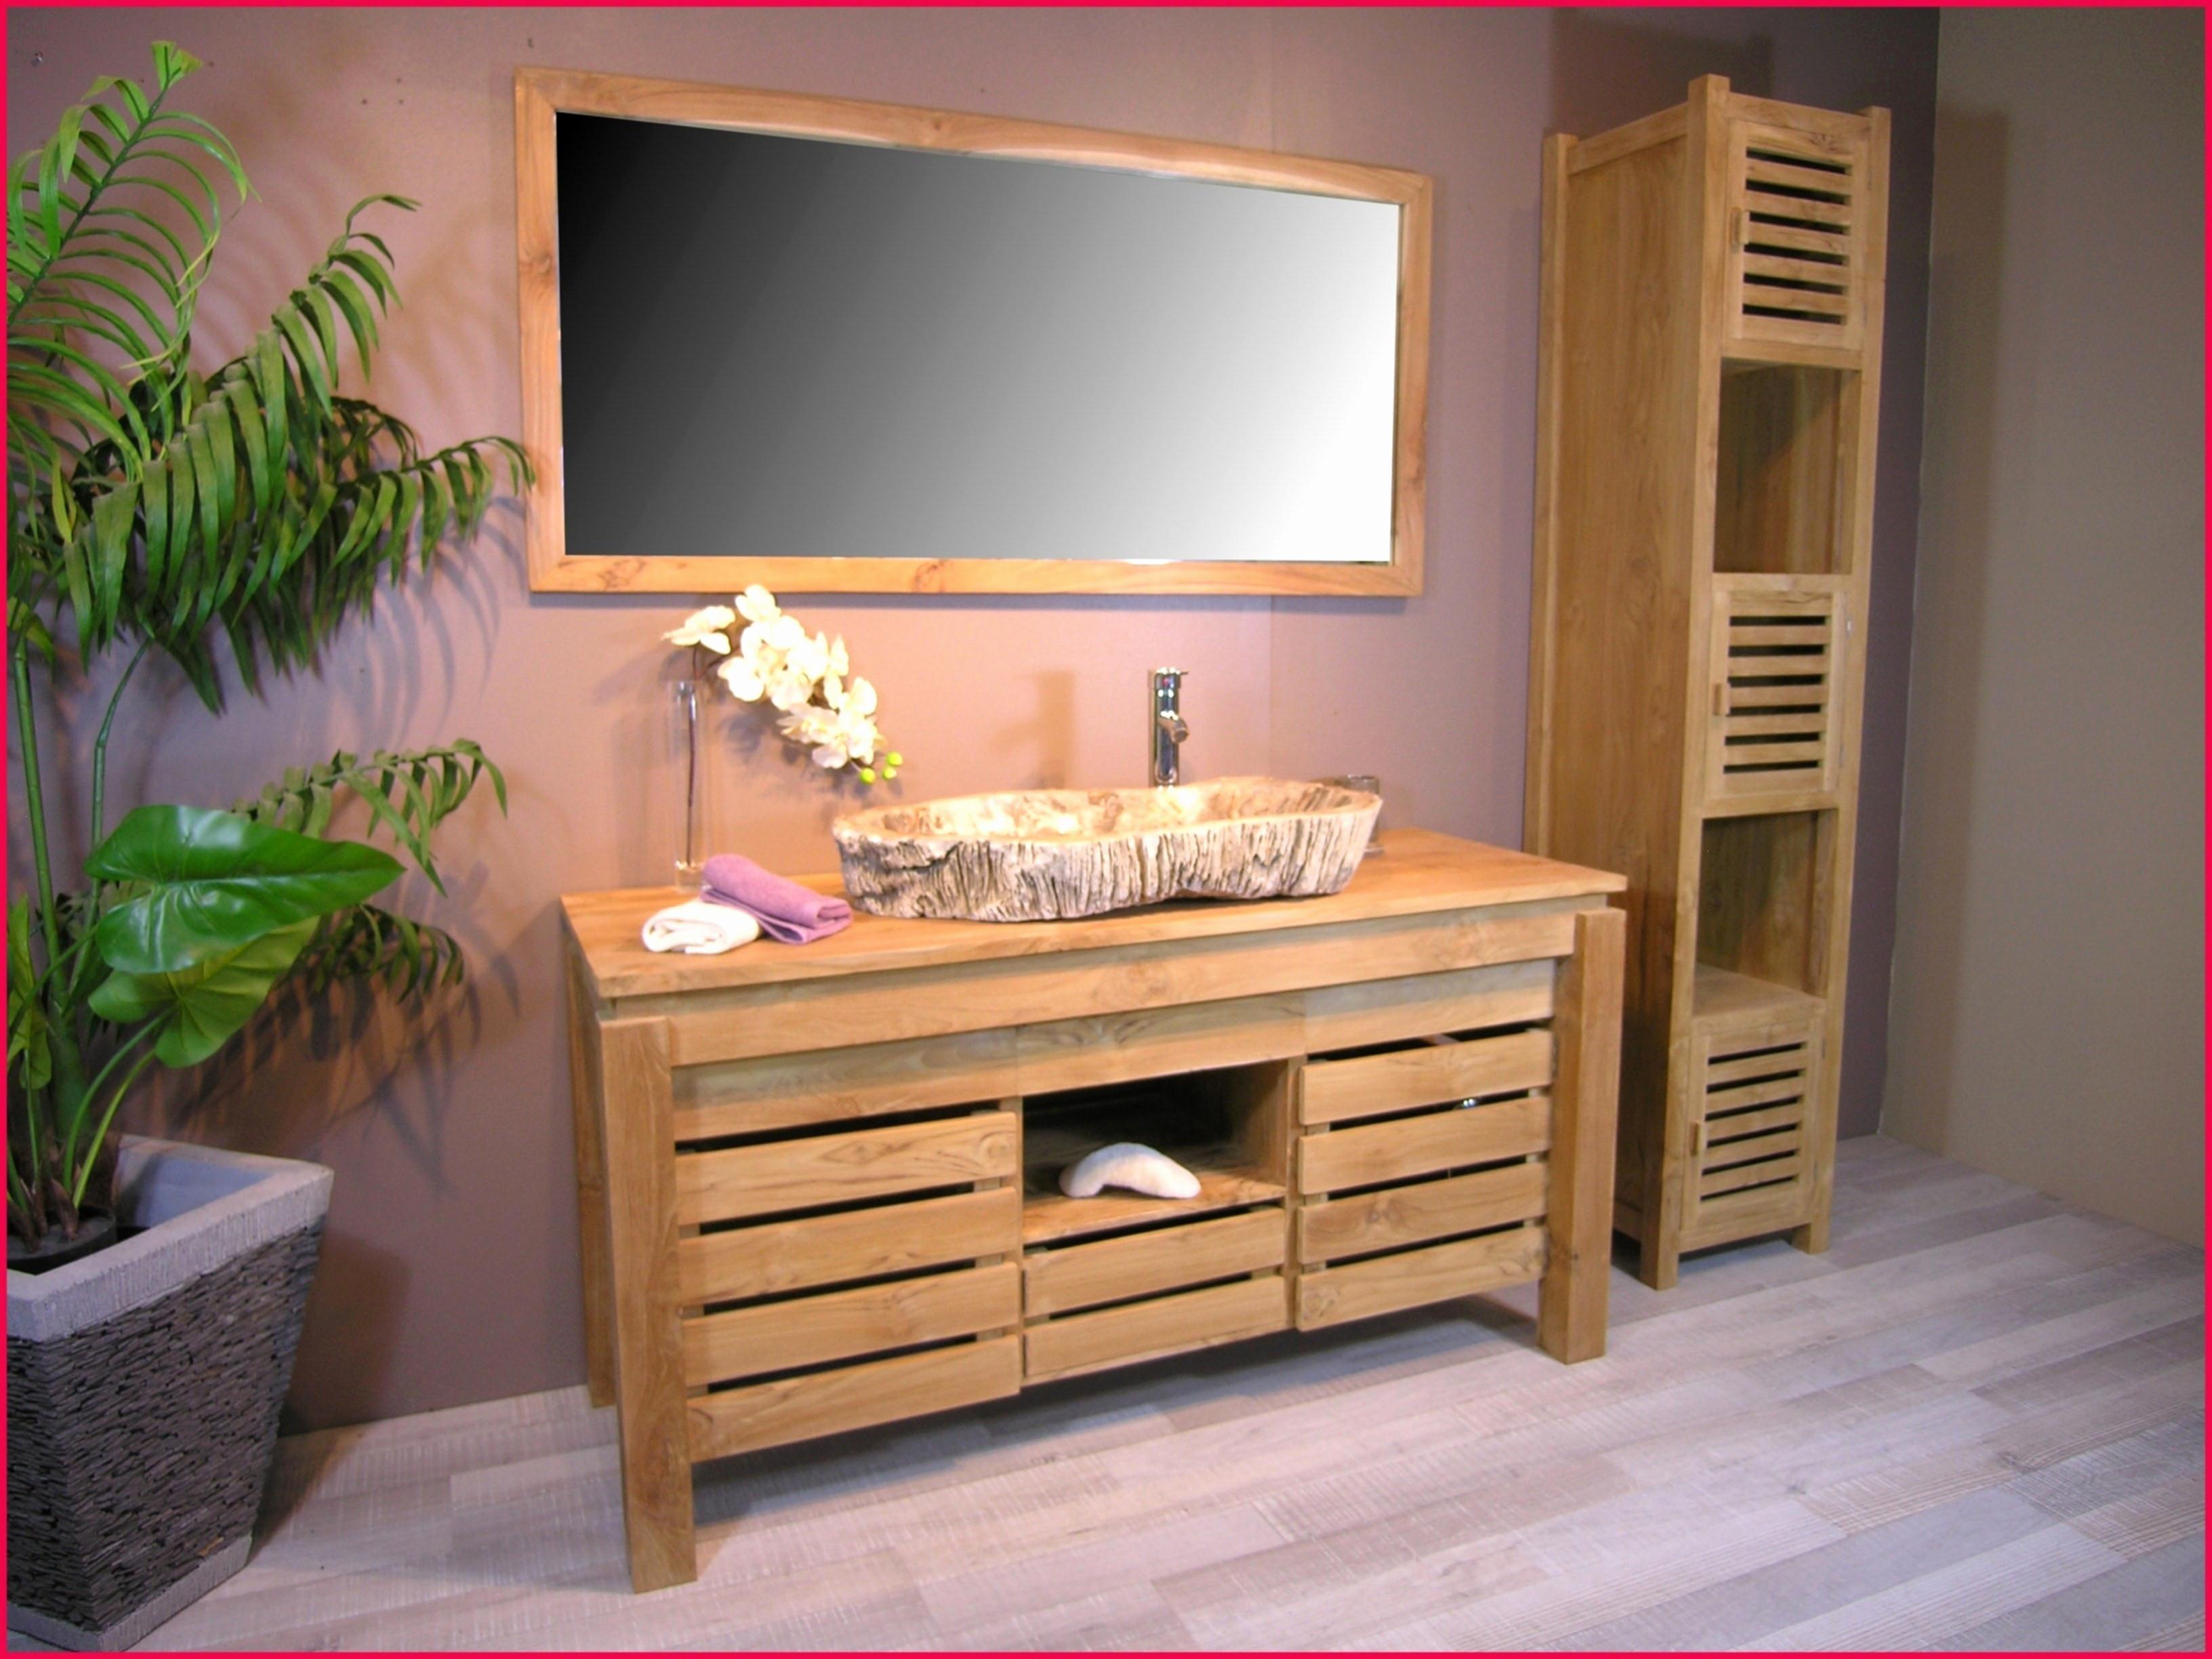 Fabriquer Meuble Salle De Bain Pas Cher Luxe Photos Armoire De Salle De Bain Luxe Salle De Bain Meuble Awesome Meuble